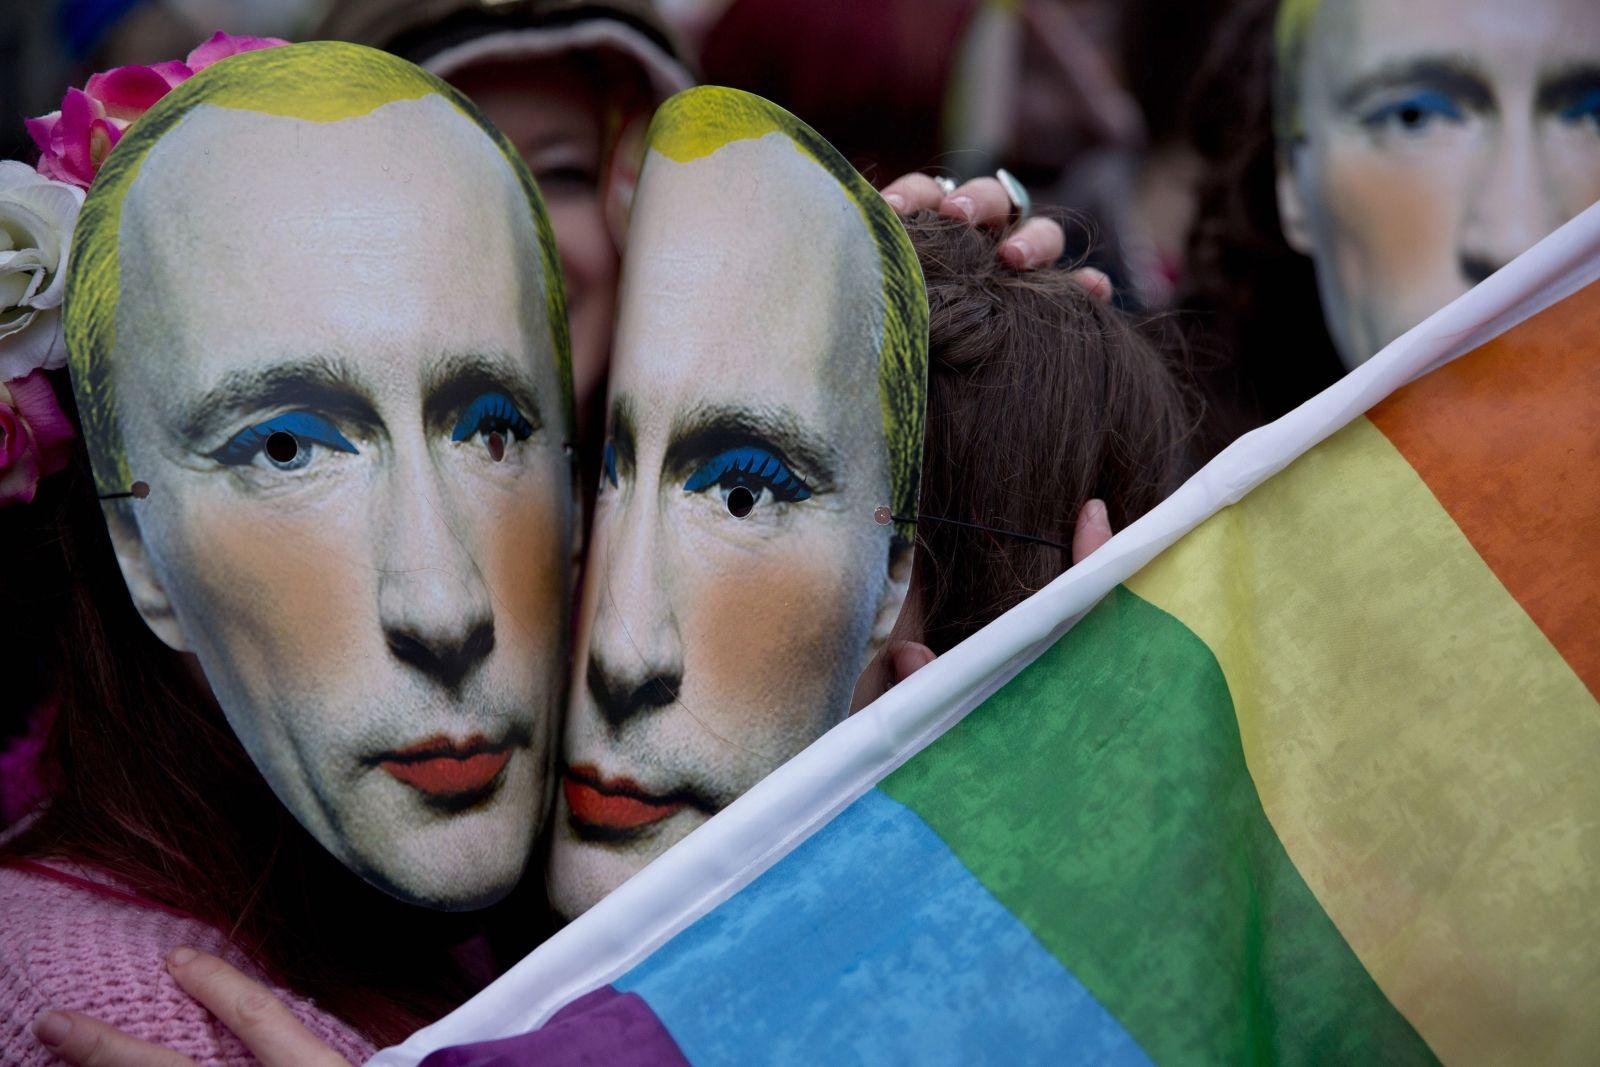 Russia may ban emojis